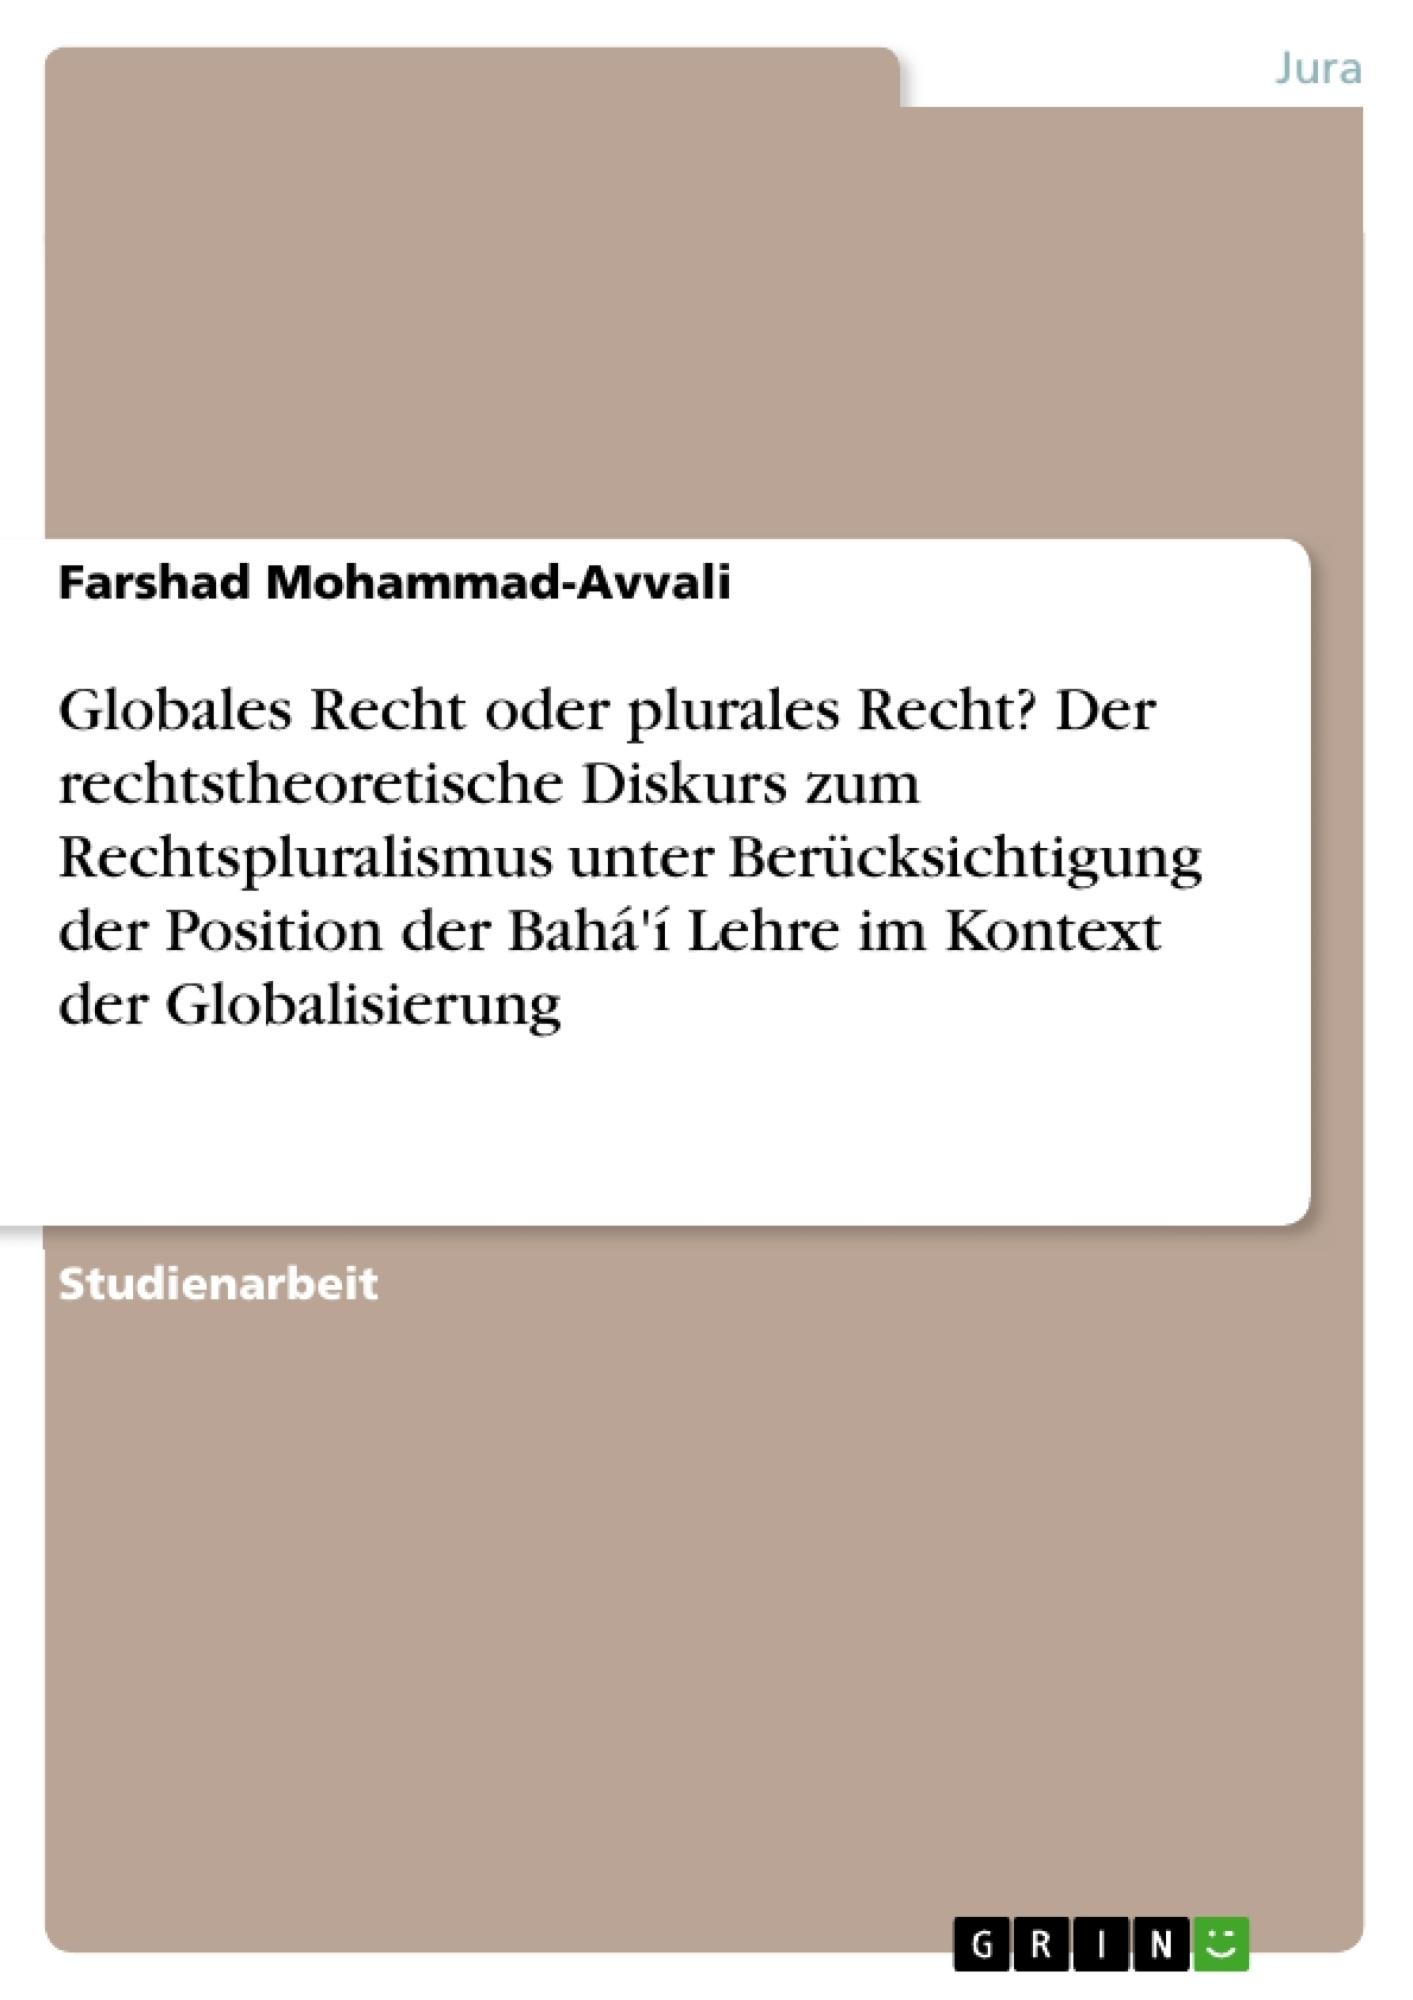 Titel: Globales Recht oder plurales Recht? Der rechtstheoretische Diskurs zum Rechtspluralismus unter Berücksichtigung der Position der Bahá'í Lehre im Kontext der Globalisierung